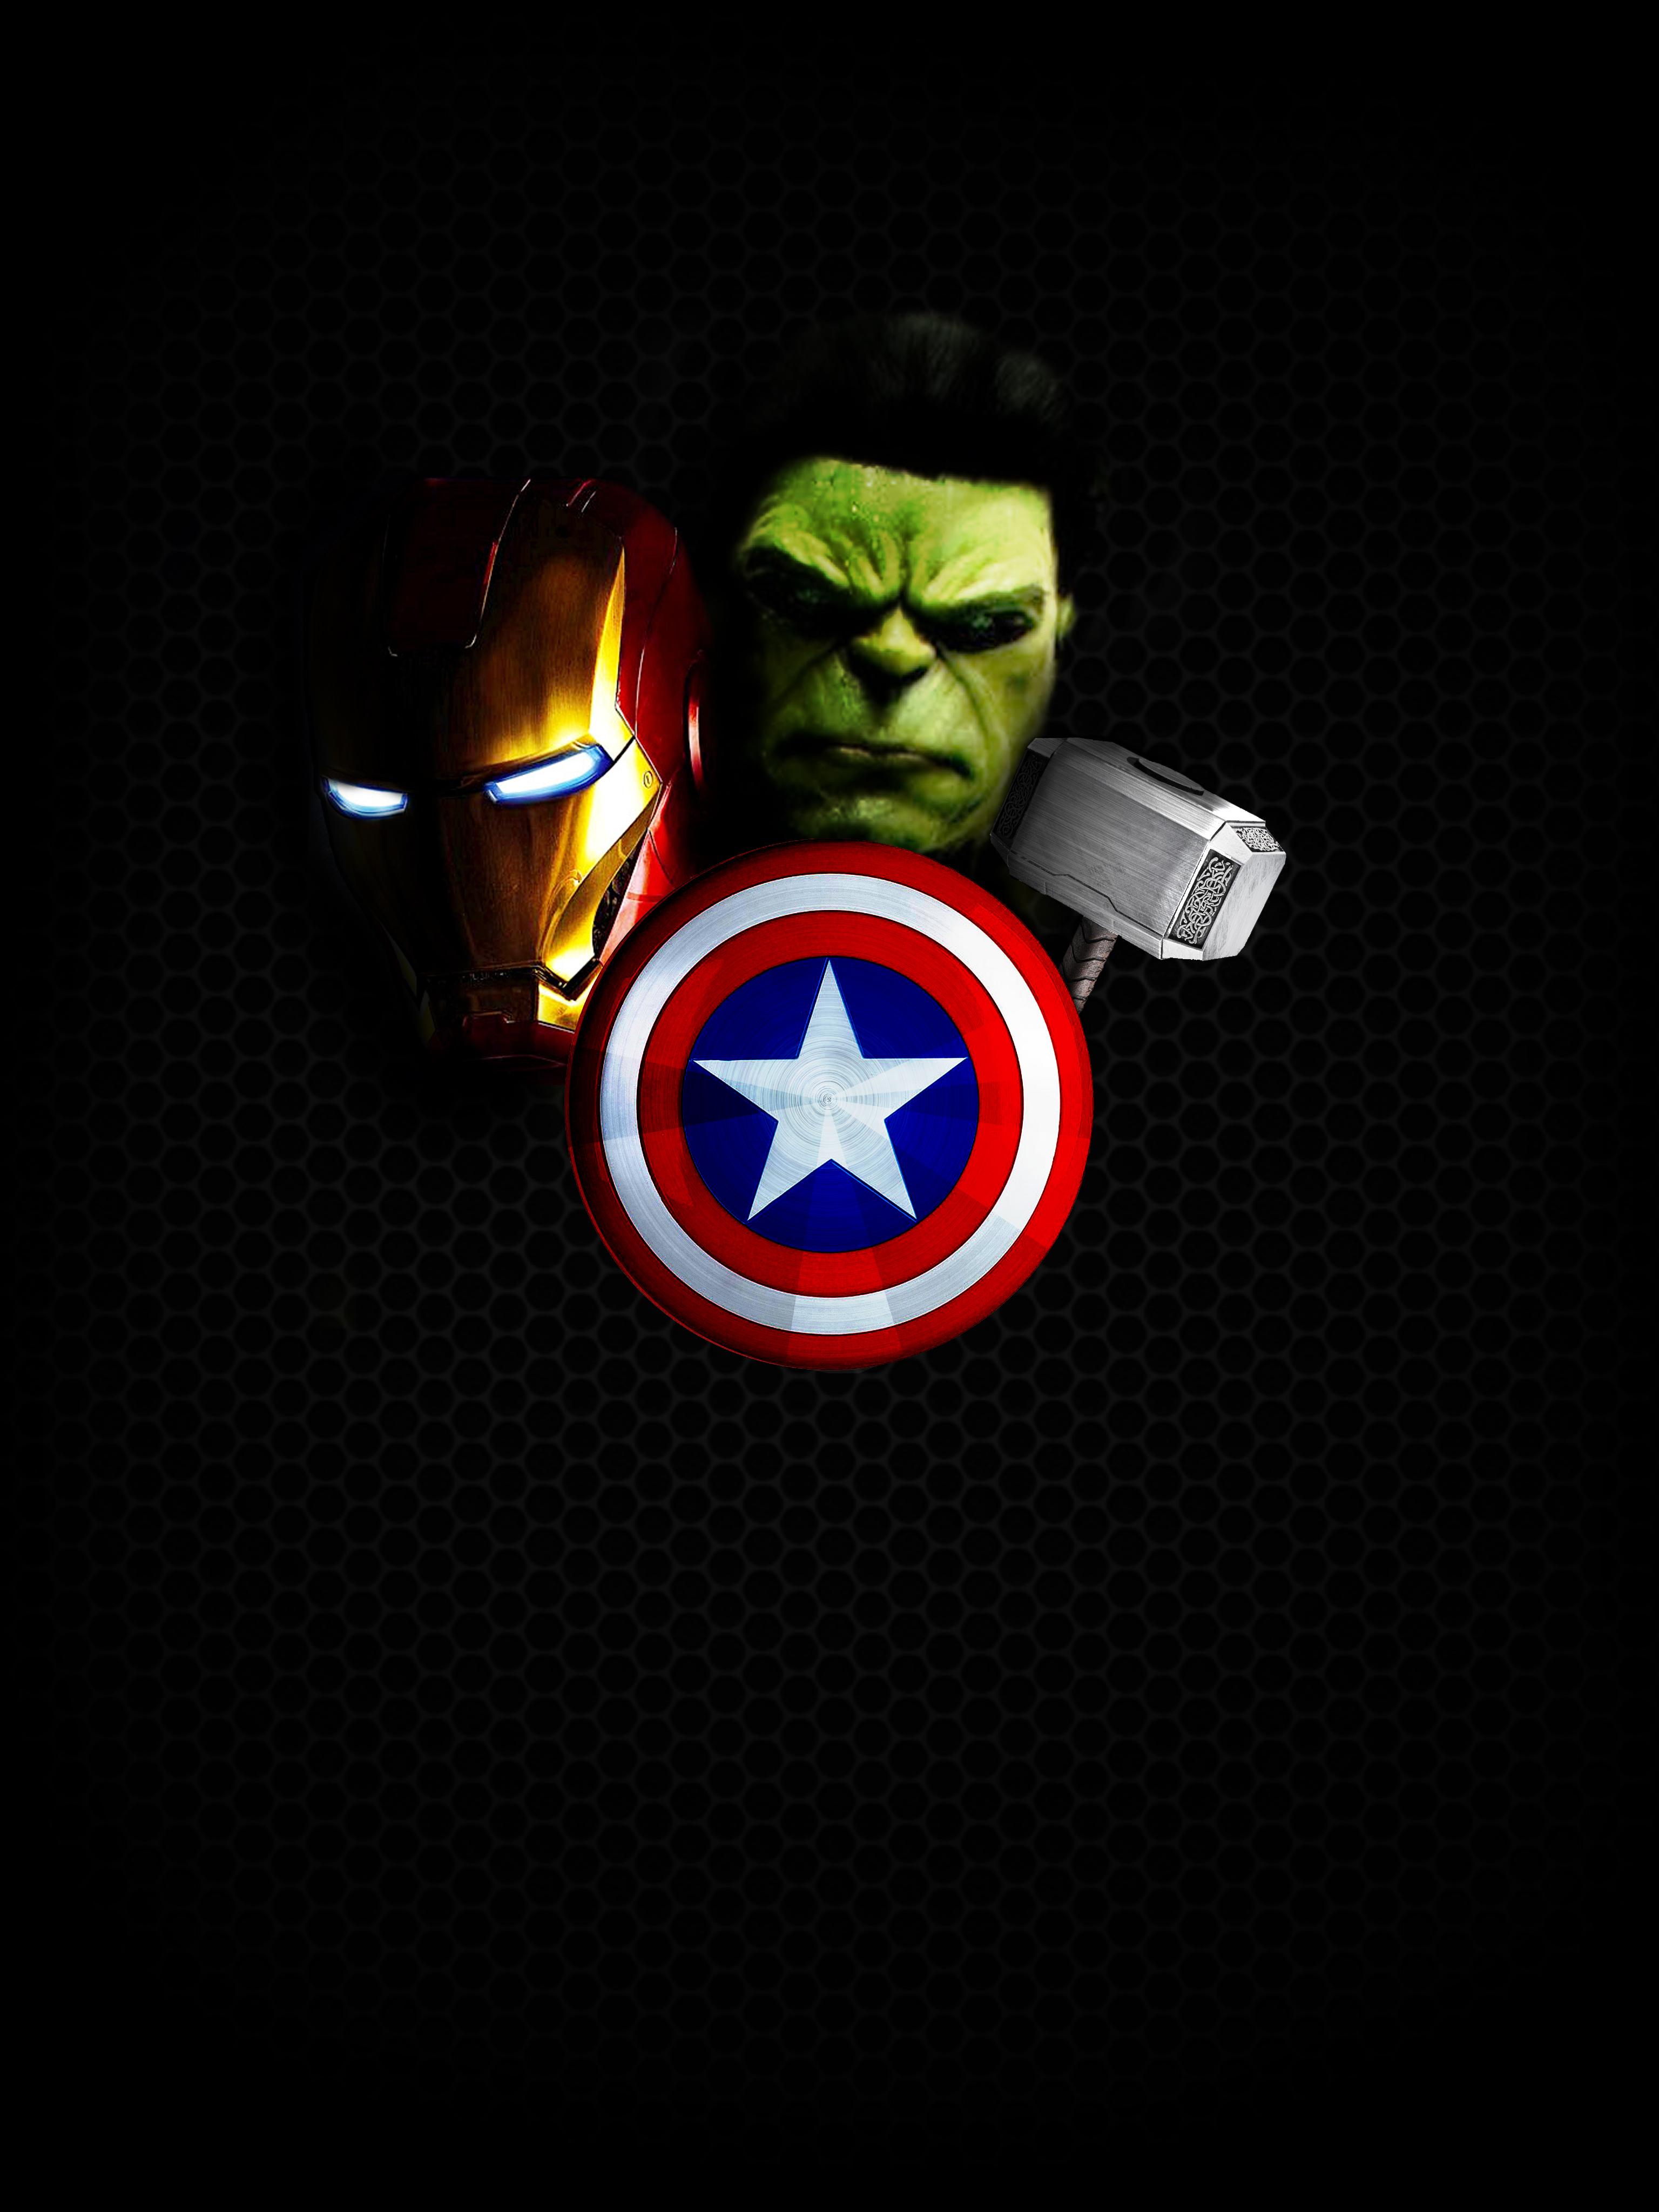 shikharsrivastava avengers hd ipadiphoneandroid wallpaper by shikharsrivastava